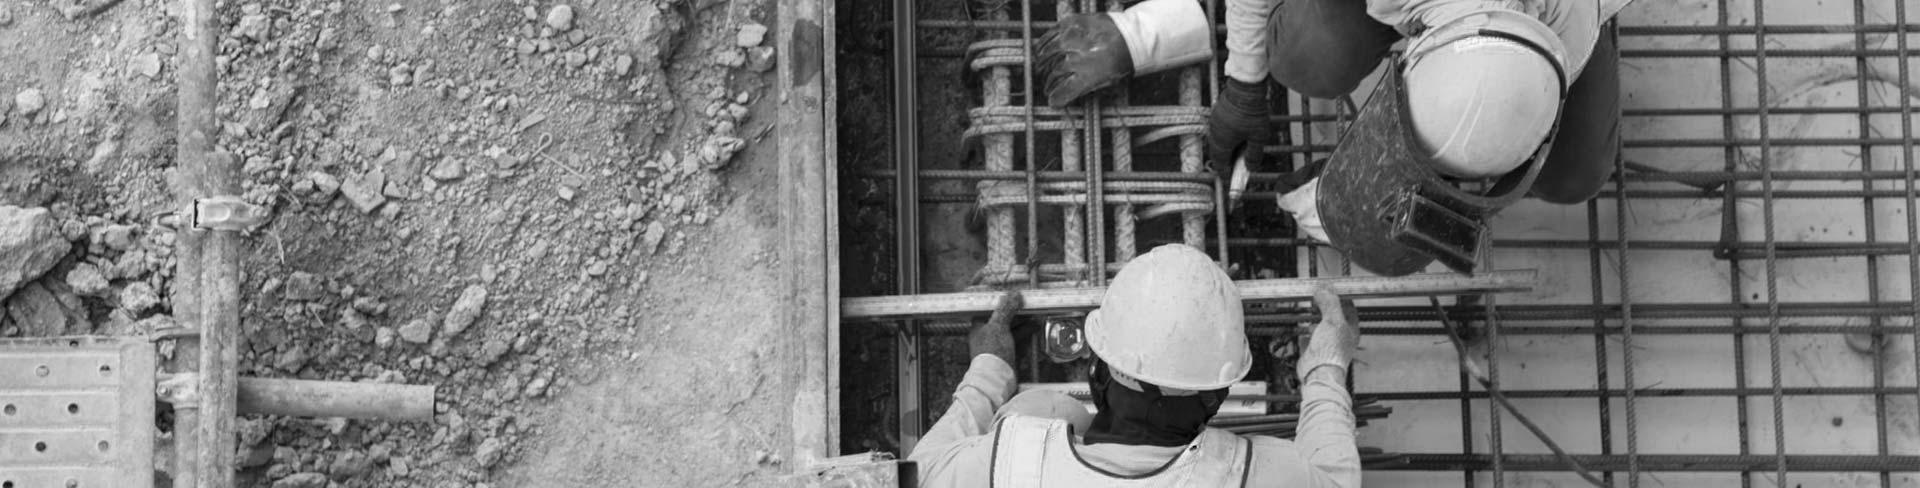 tressecostruzioni-servizi-header-4